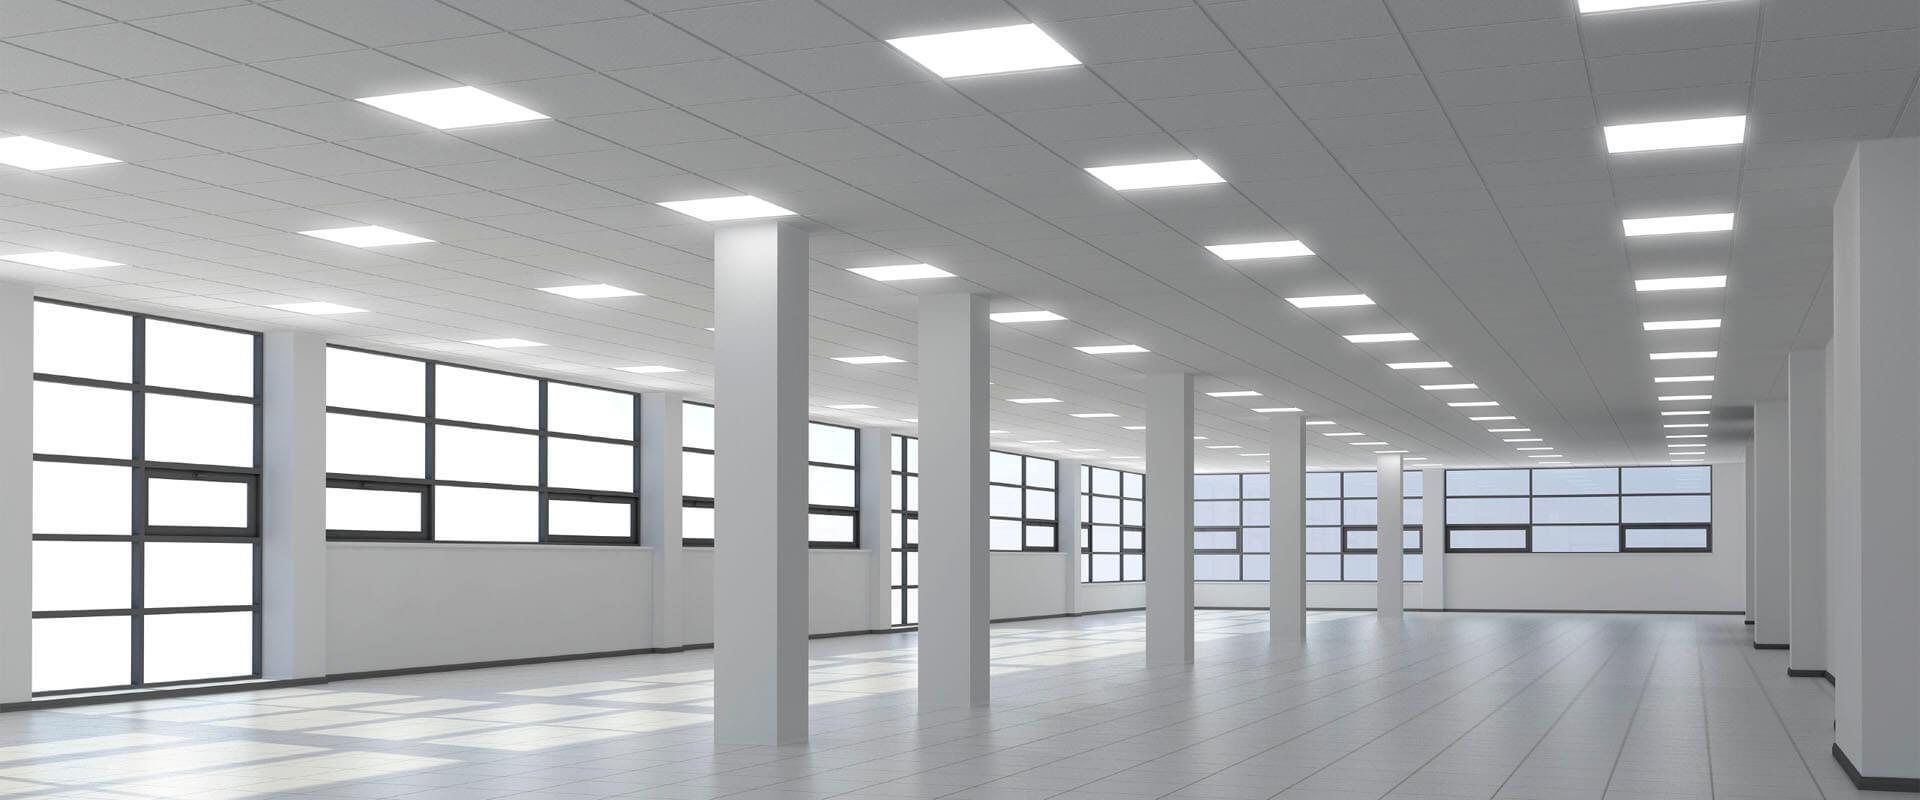 受惠OLED需求强劲,韩国面板9月出口达24.4亿美元